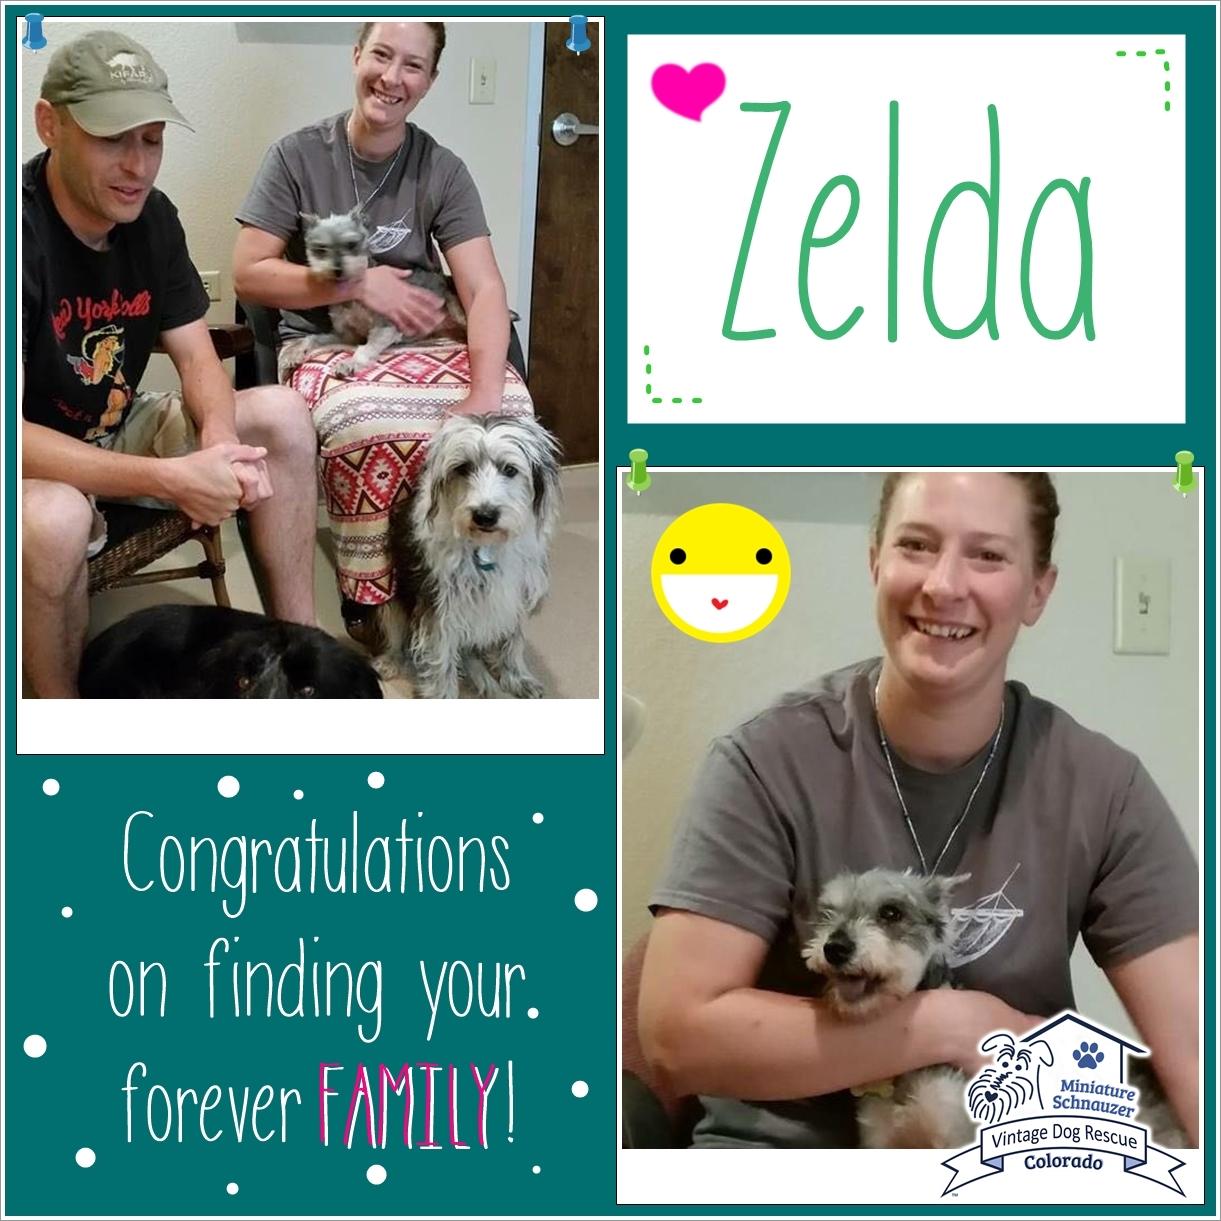 Zelda was adopted!